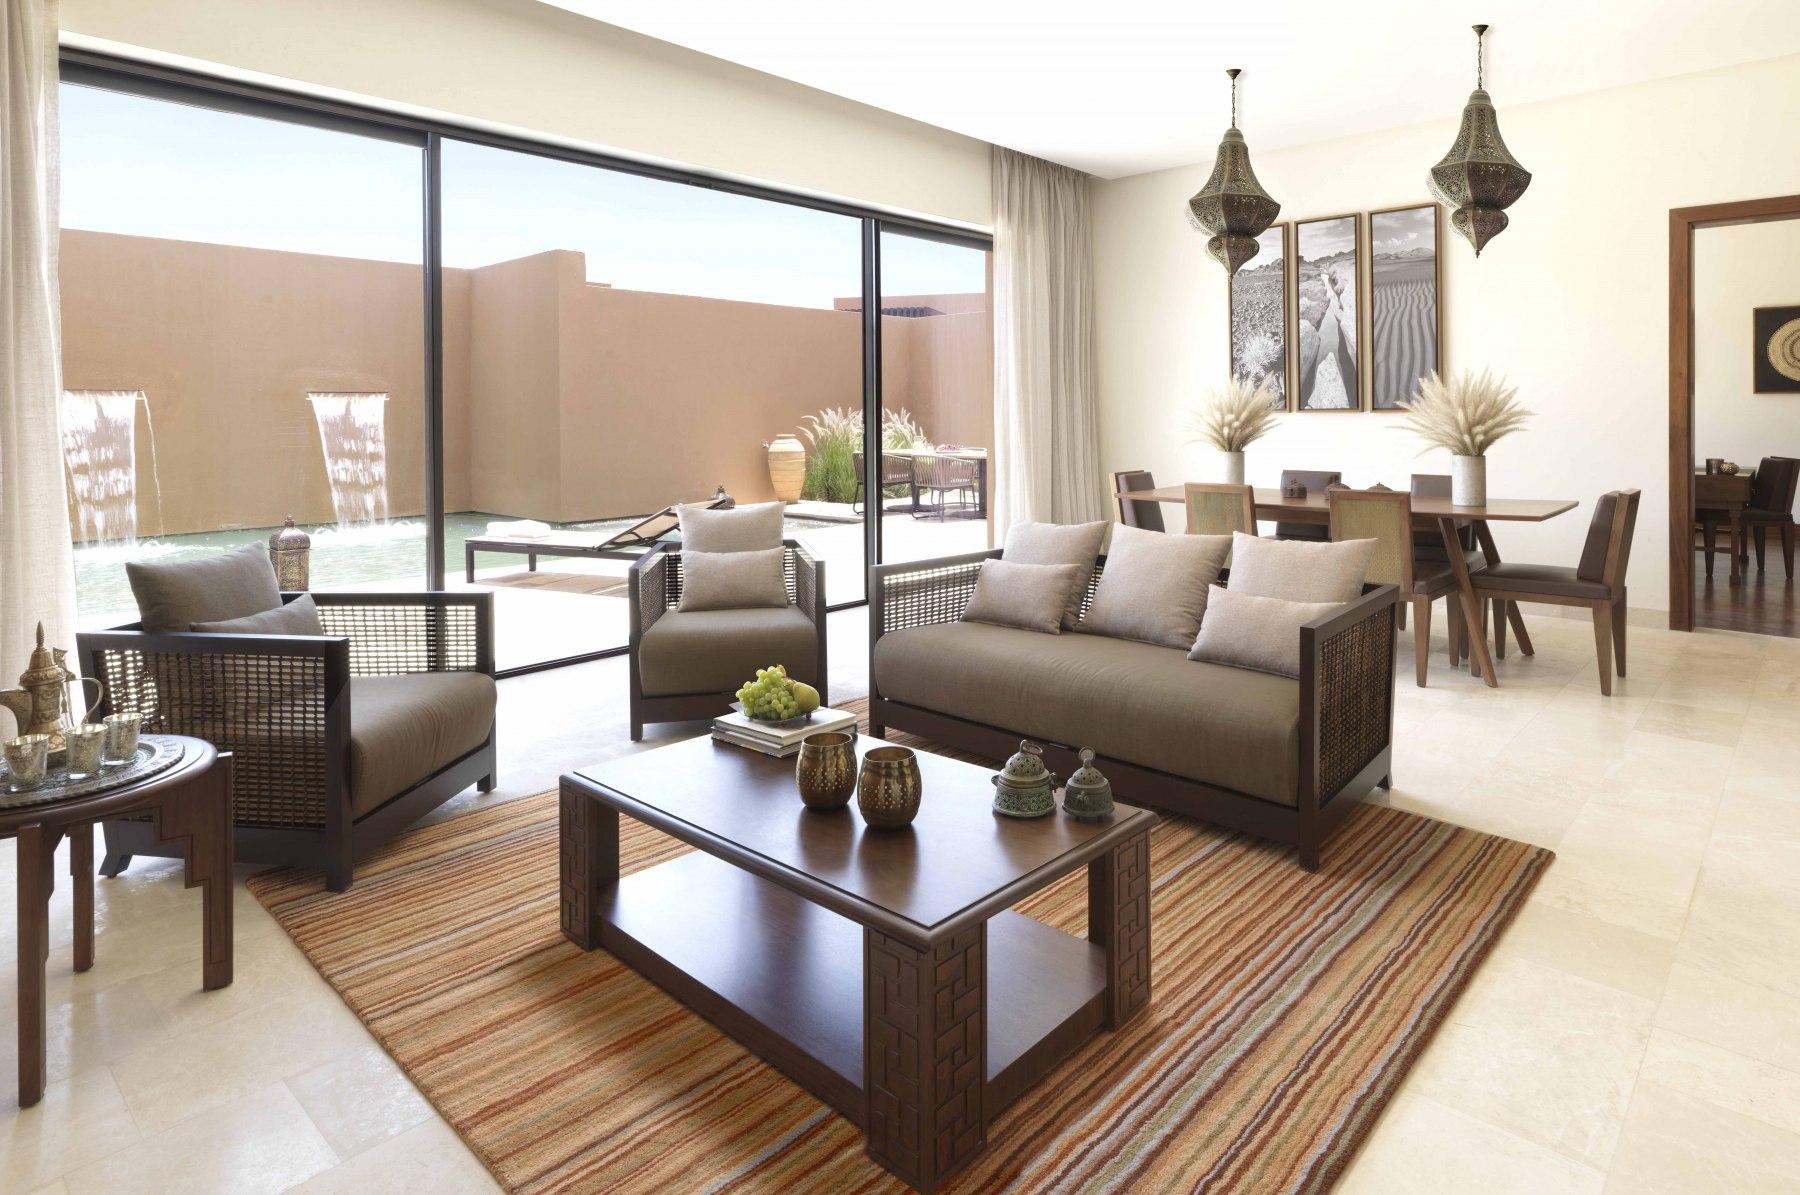 Anantara-Al-Jabal-Al-Akhdar-Resort-Two-Bedroom-Garden-Pool-Villa-Living-Room-min